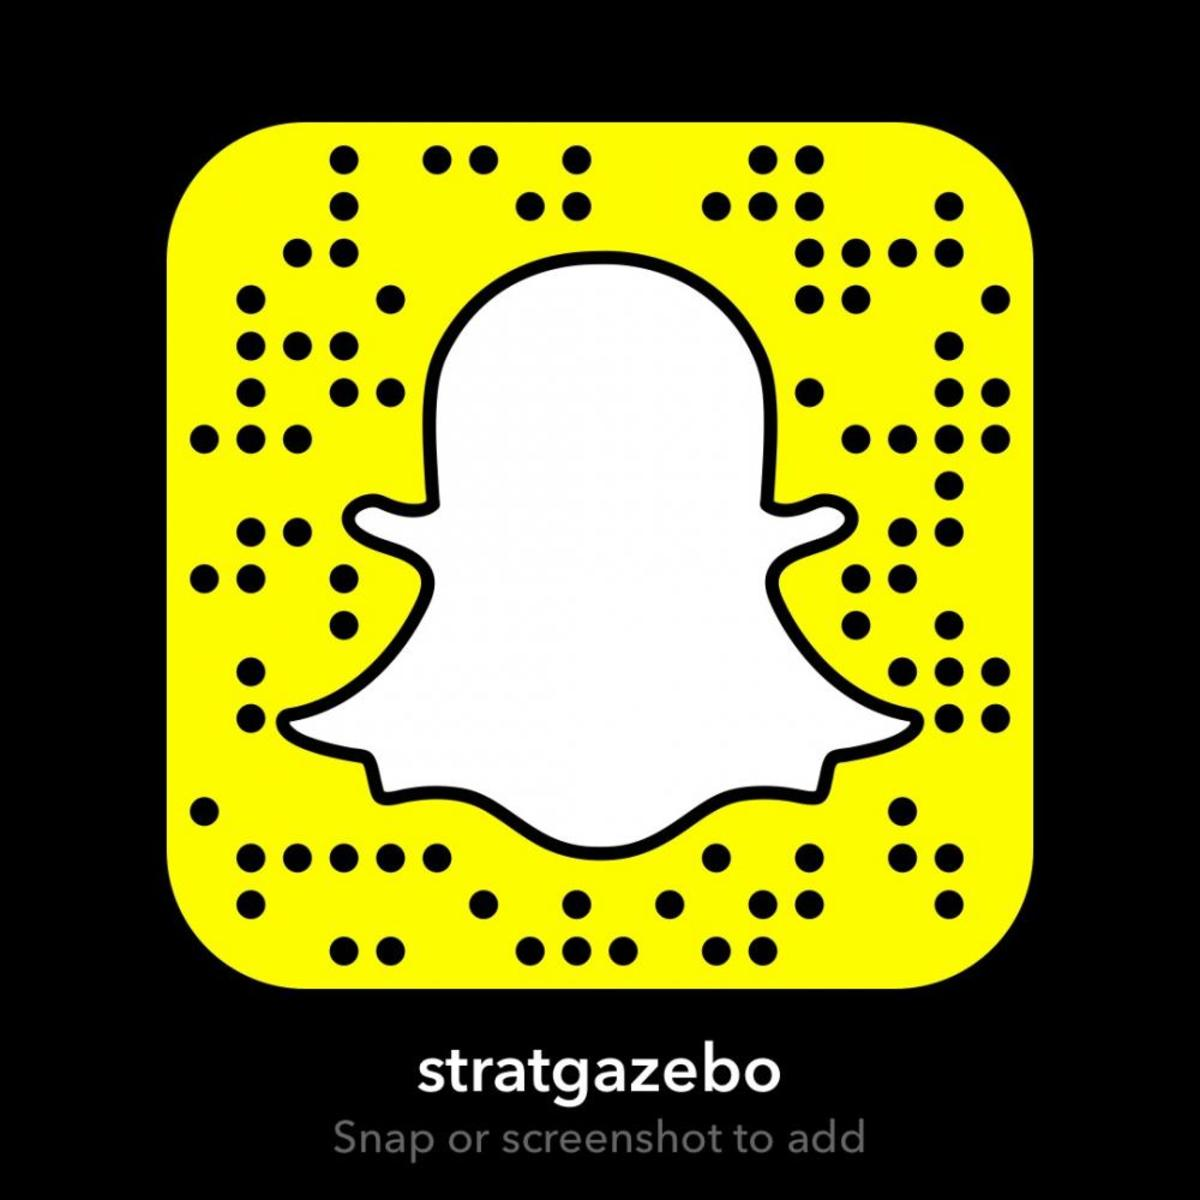 Stratford Gazebo Snapchat